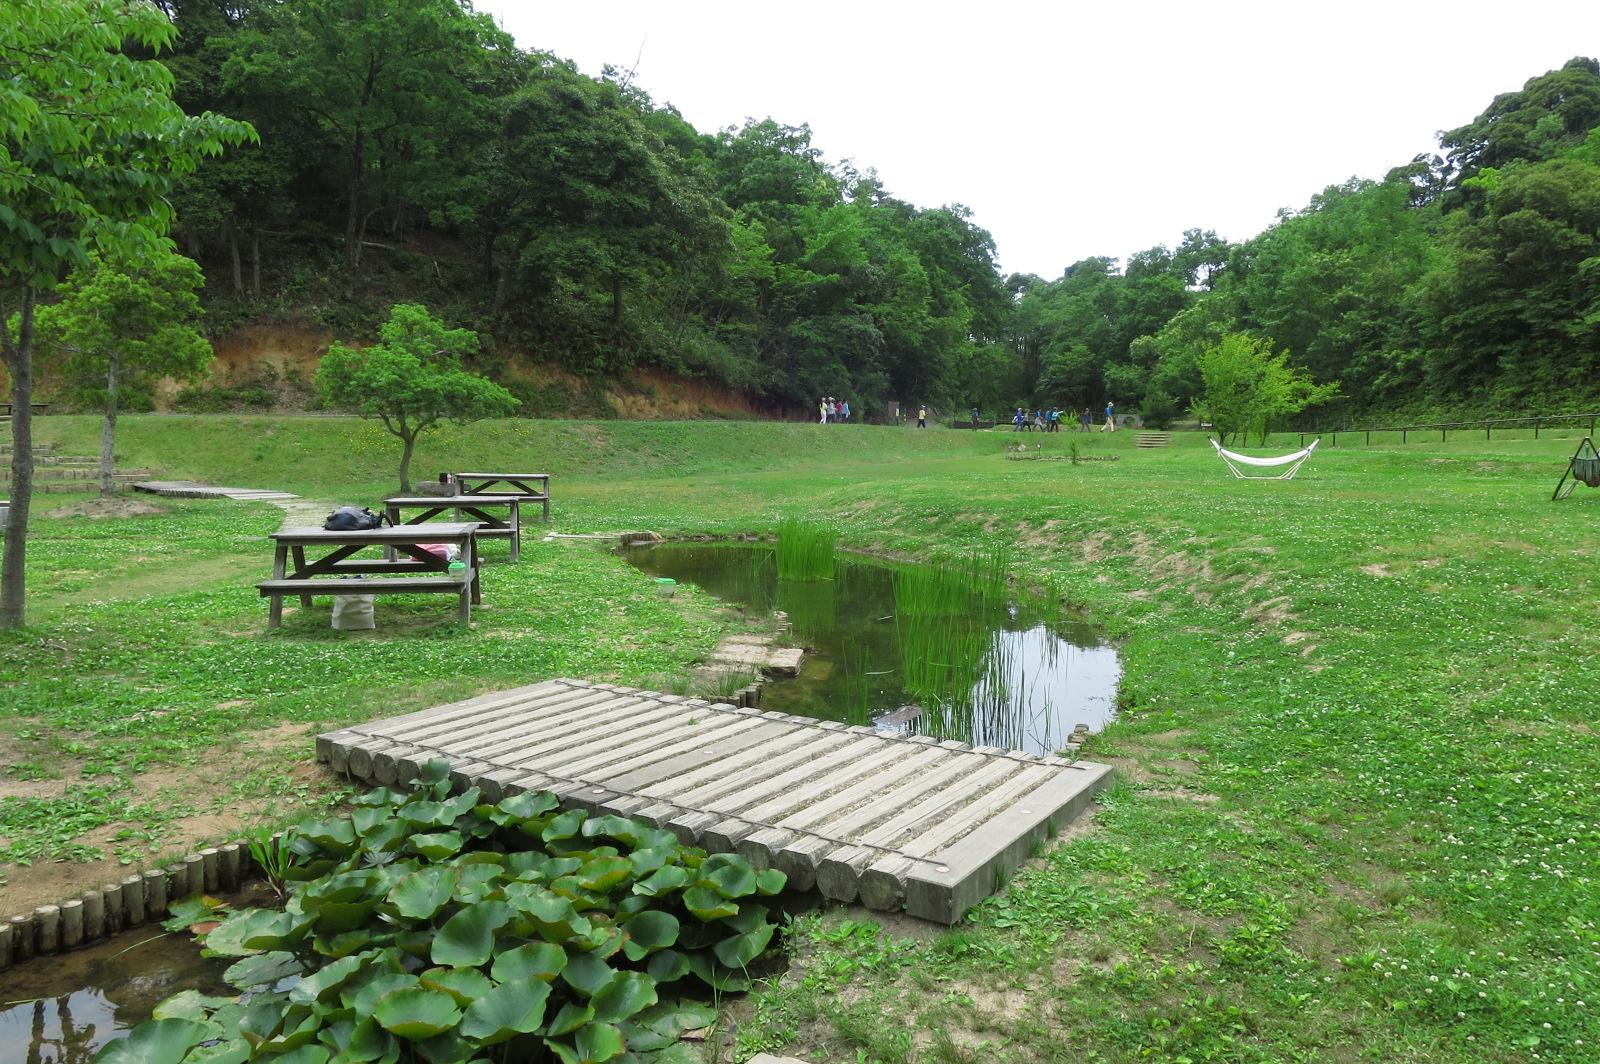 子供も観察しやすい湿地帯。陽射しが強ければ、テーブルに日傘を差してくれます。ハンモックもあり!